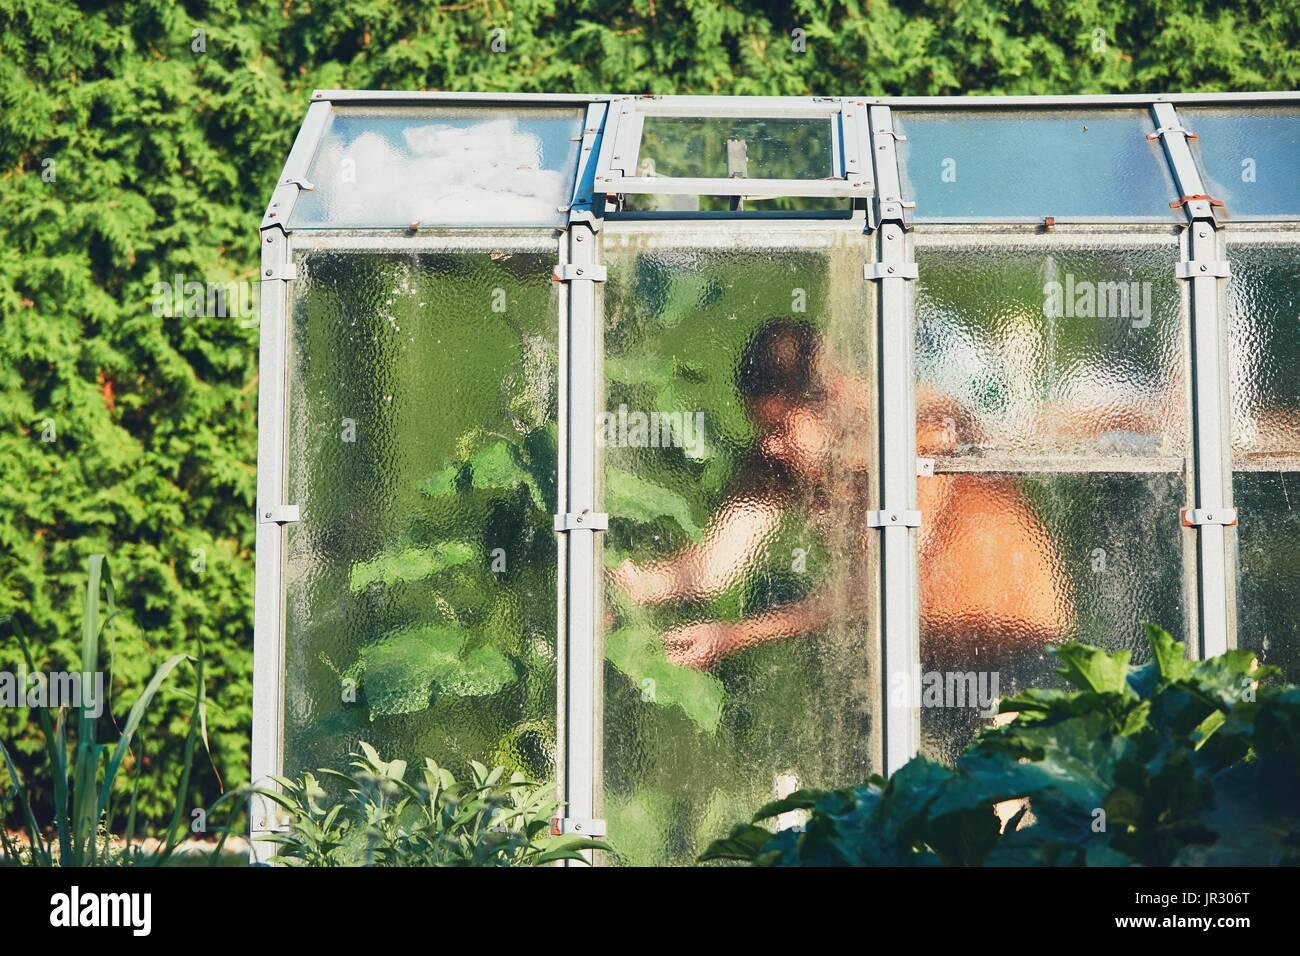 Os trabalhos sobre a horta. Jardineiro dentro da casa de vegeta o.Foto de Stock